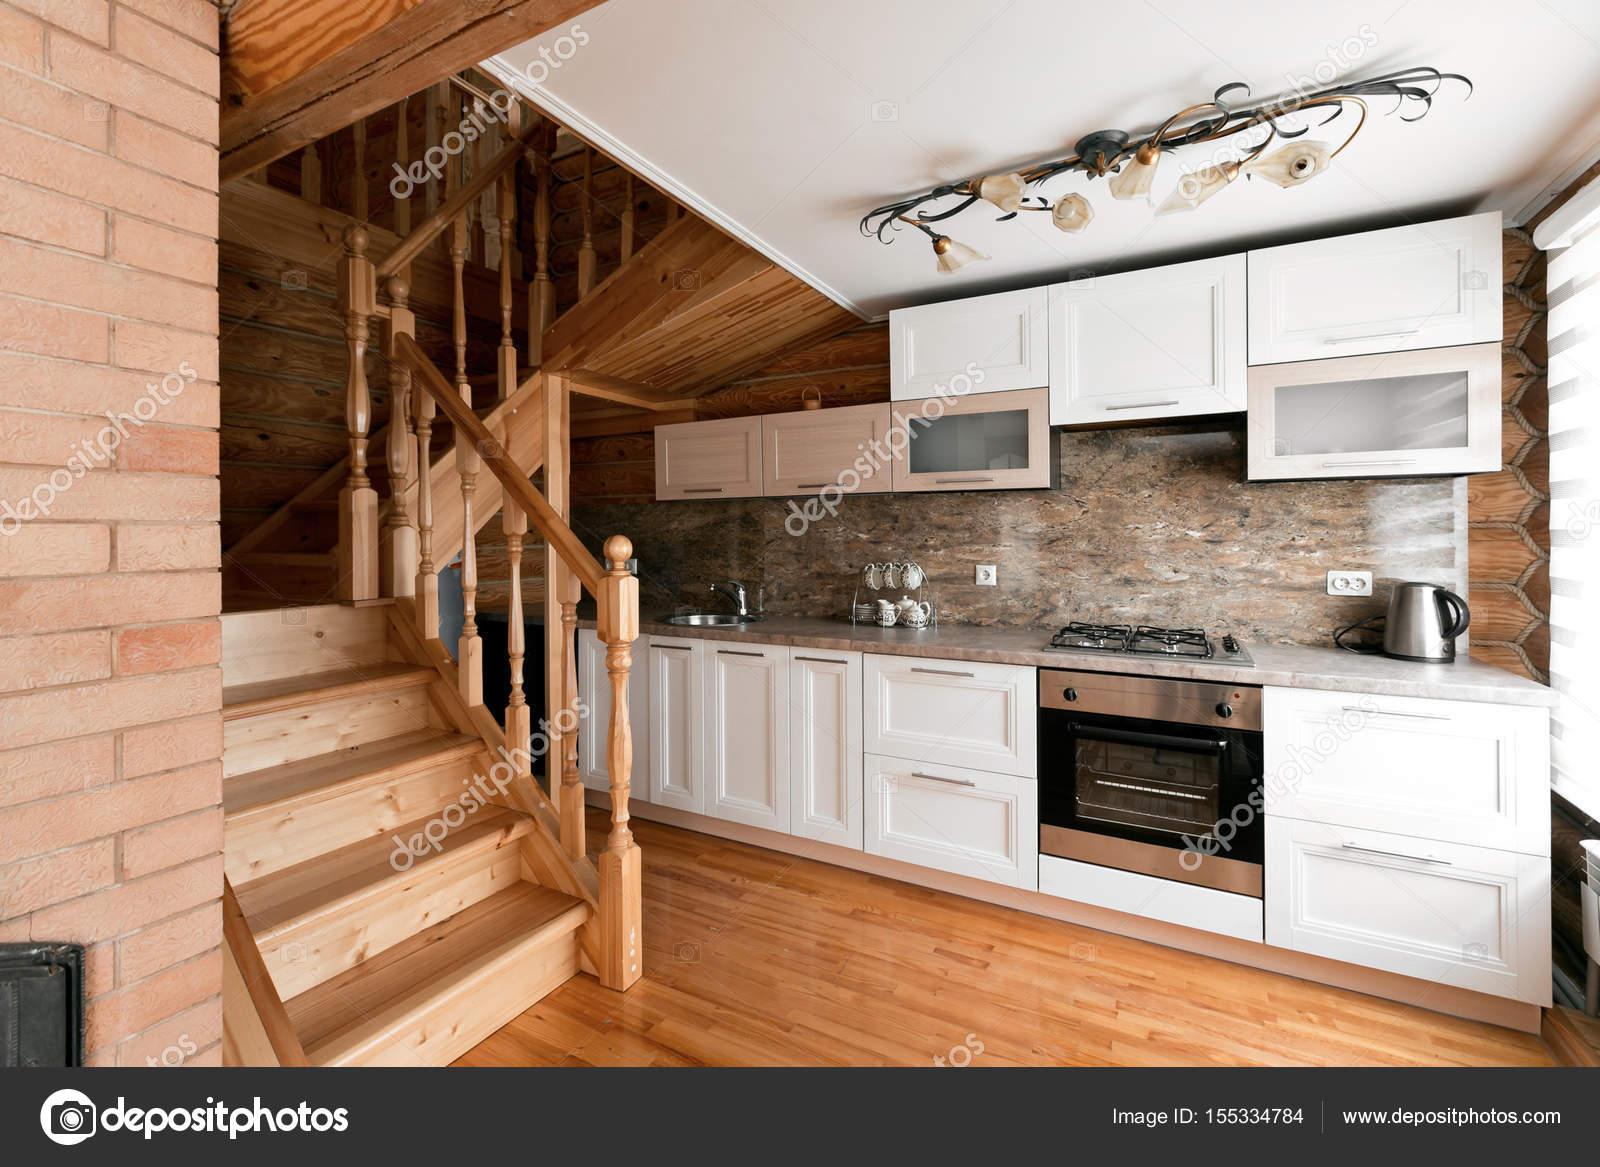 La camera di cucina in una casetta rustica, in montagna. con un ...